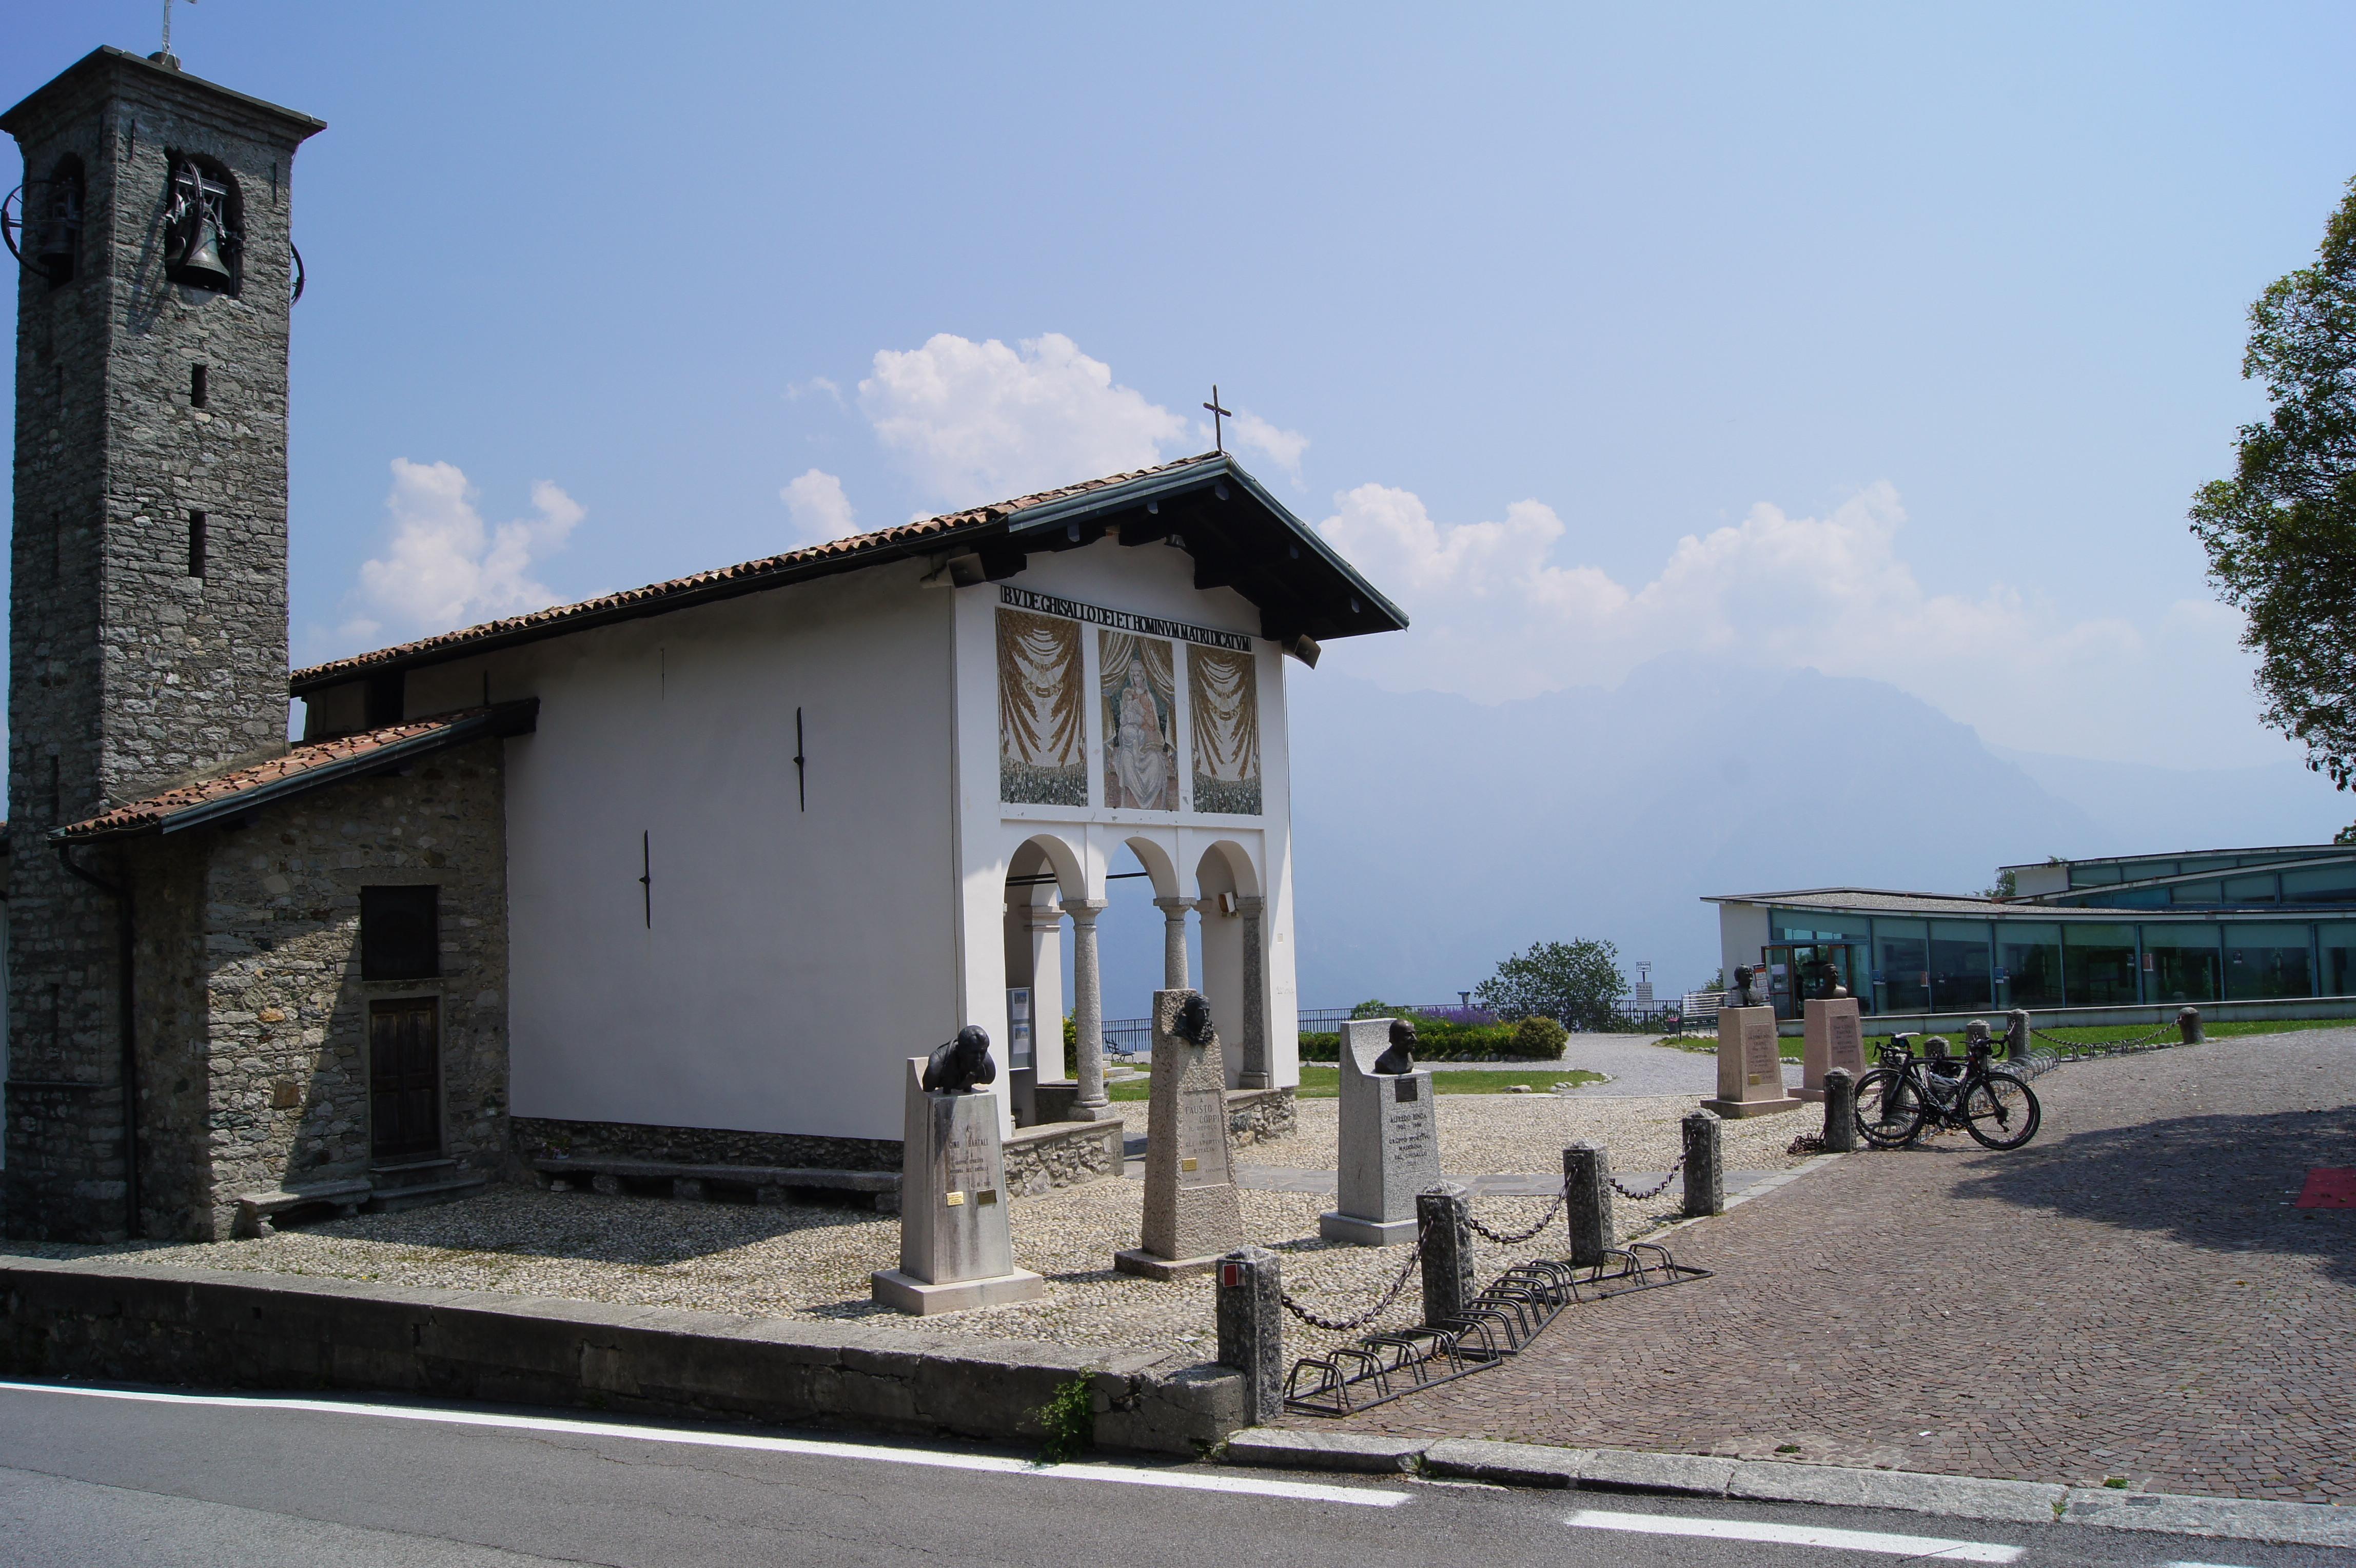 【イタリア発】サイクリストなら1度は行くべきサイクリストの聖地ギサッロ教会と自転車博物館を紹介します!